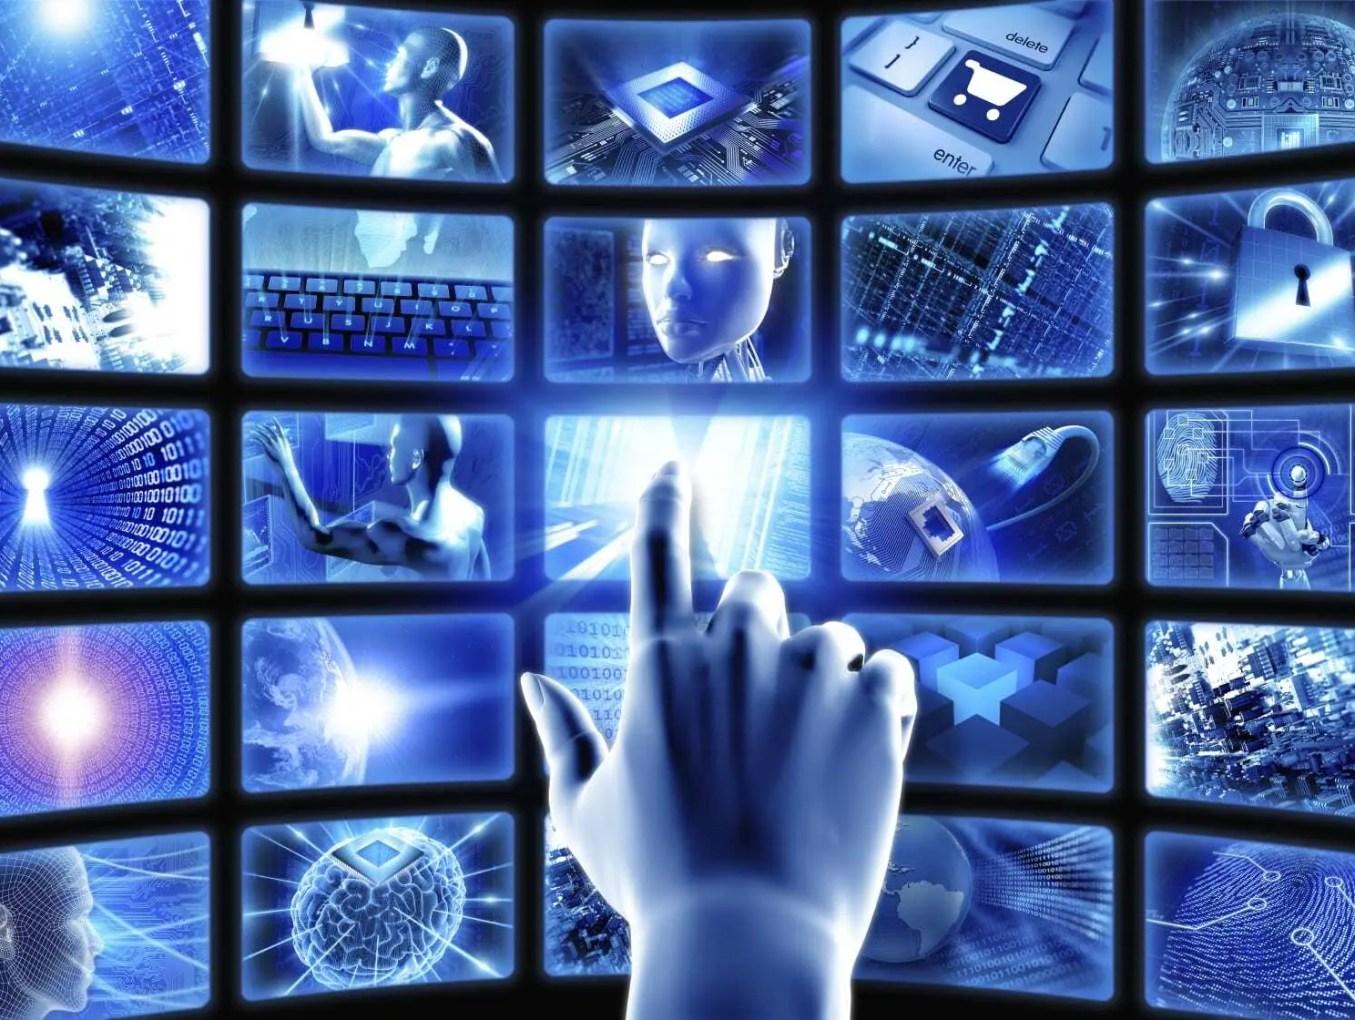 Conheça 5 tecnologias que já estão mudando o mundo!